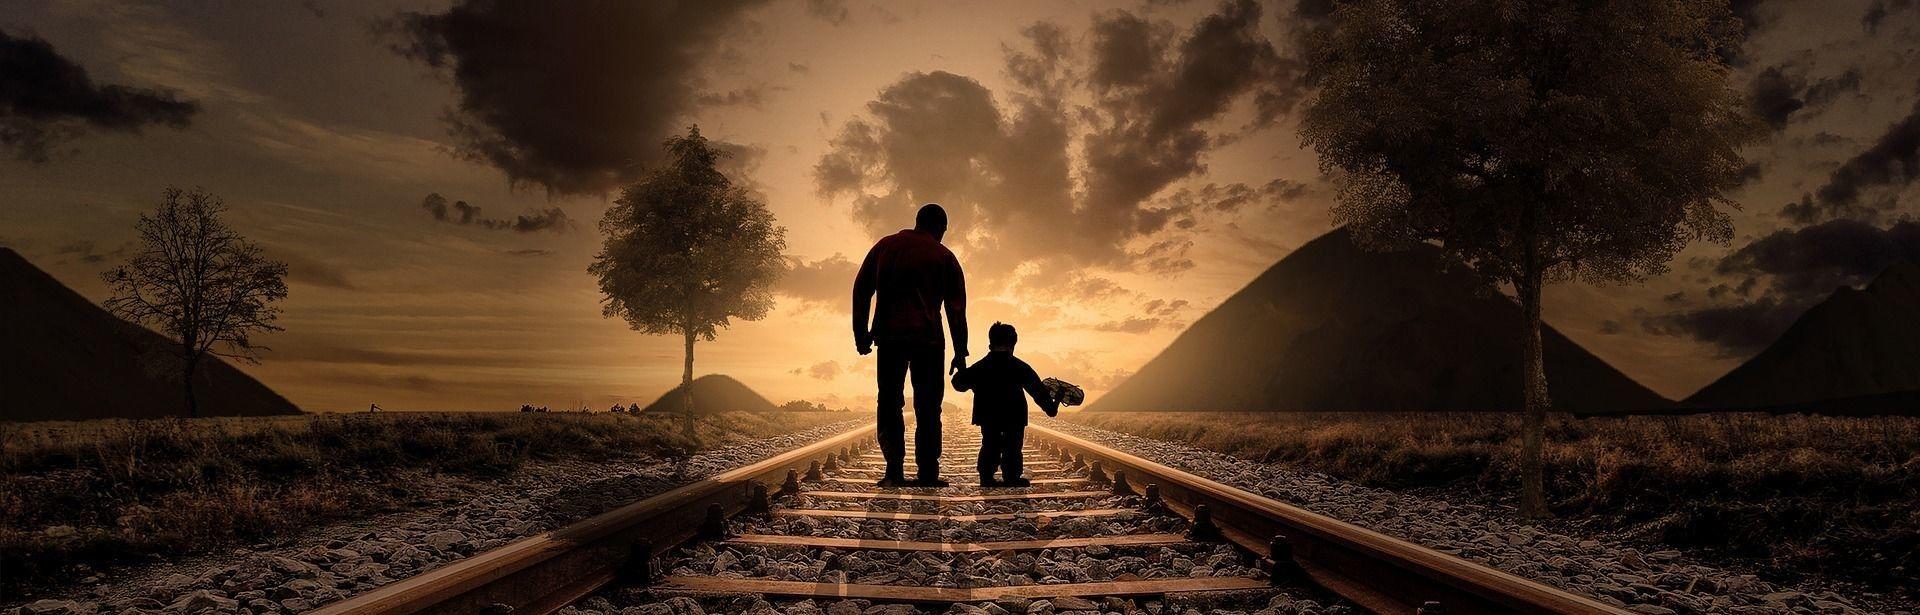 Gehaltsnachzahlung kann Elterngeld erhöhen